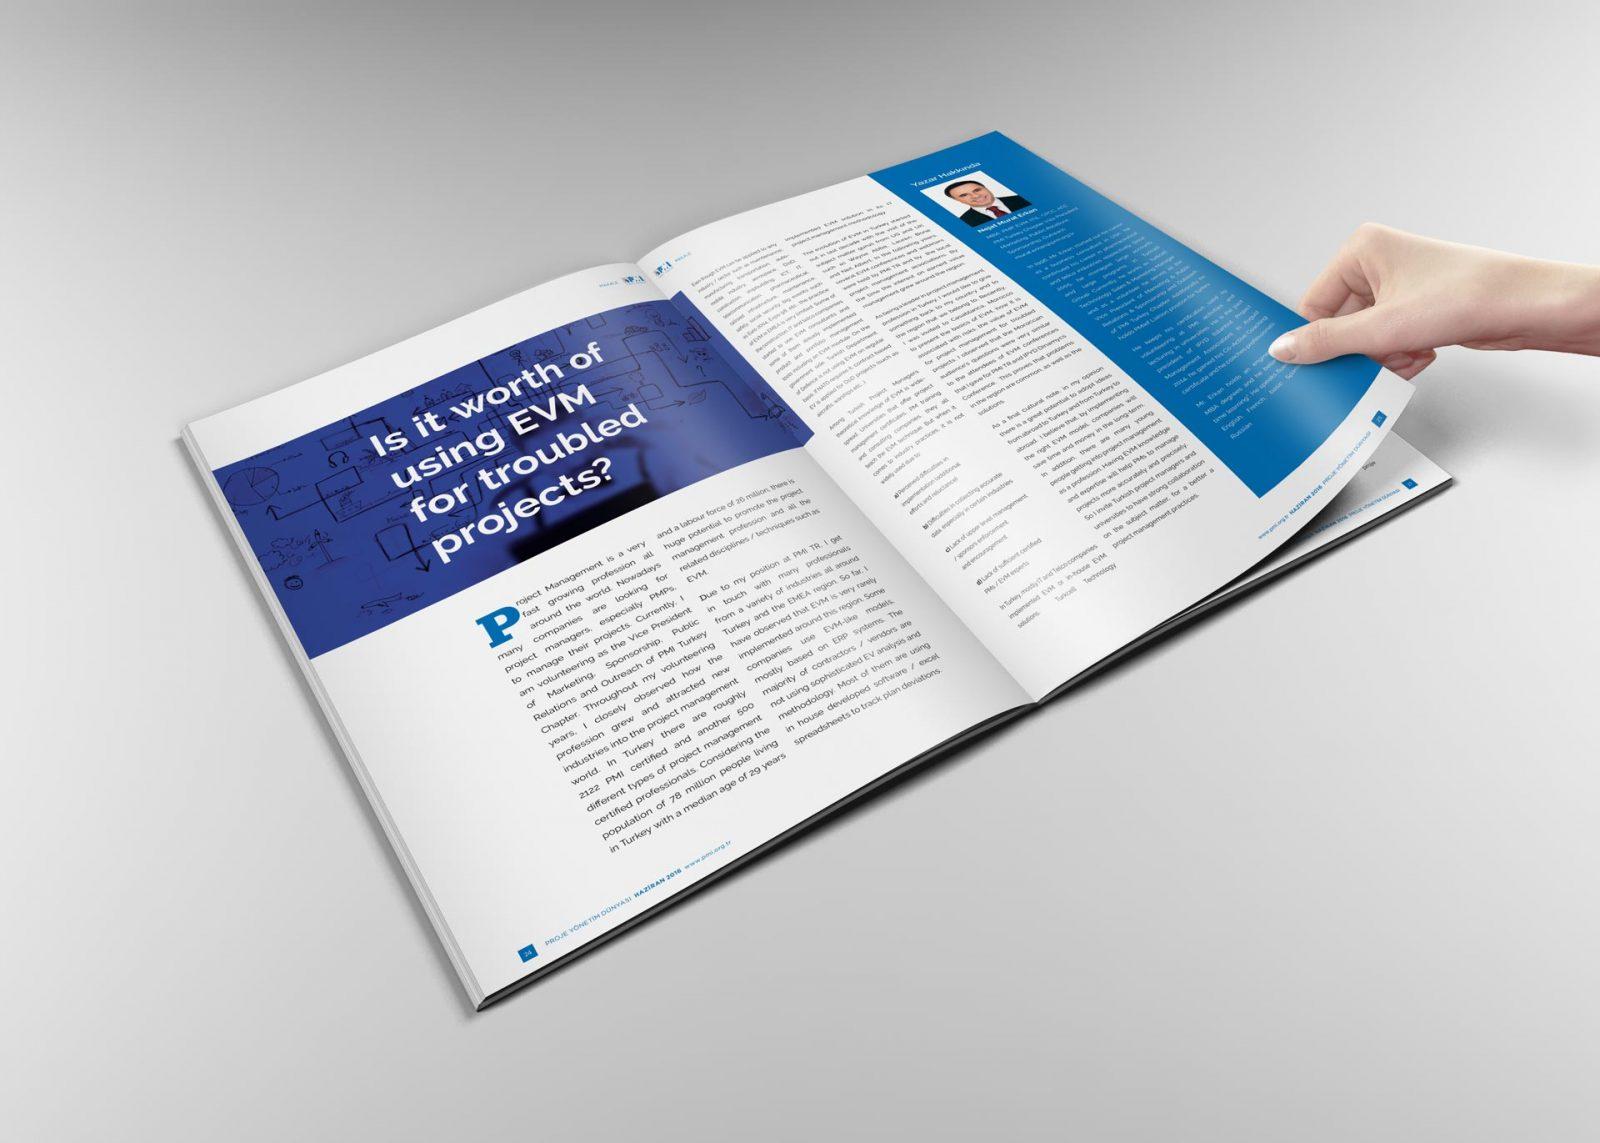 pmi tr dergi tasarımı 08